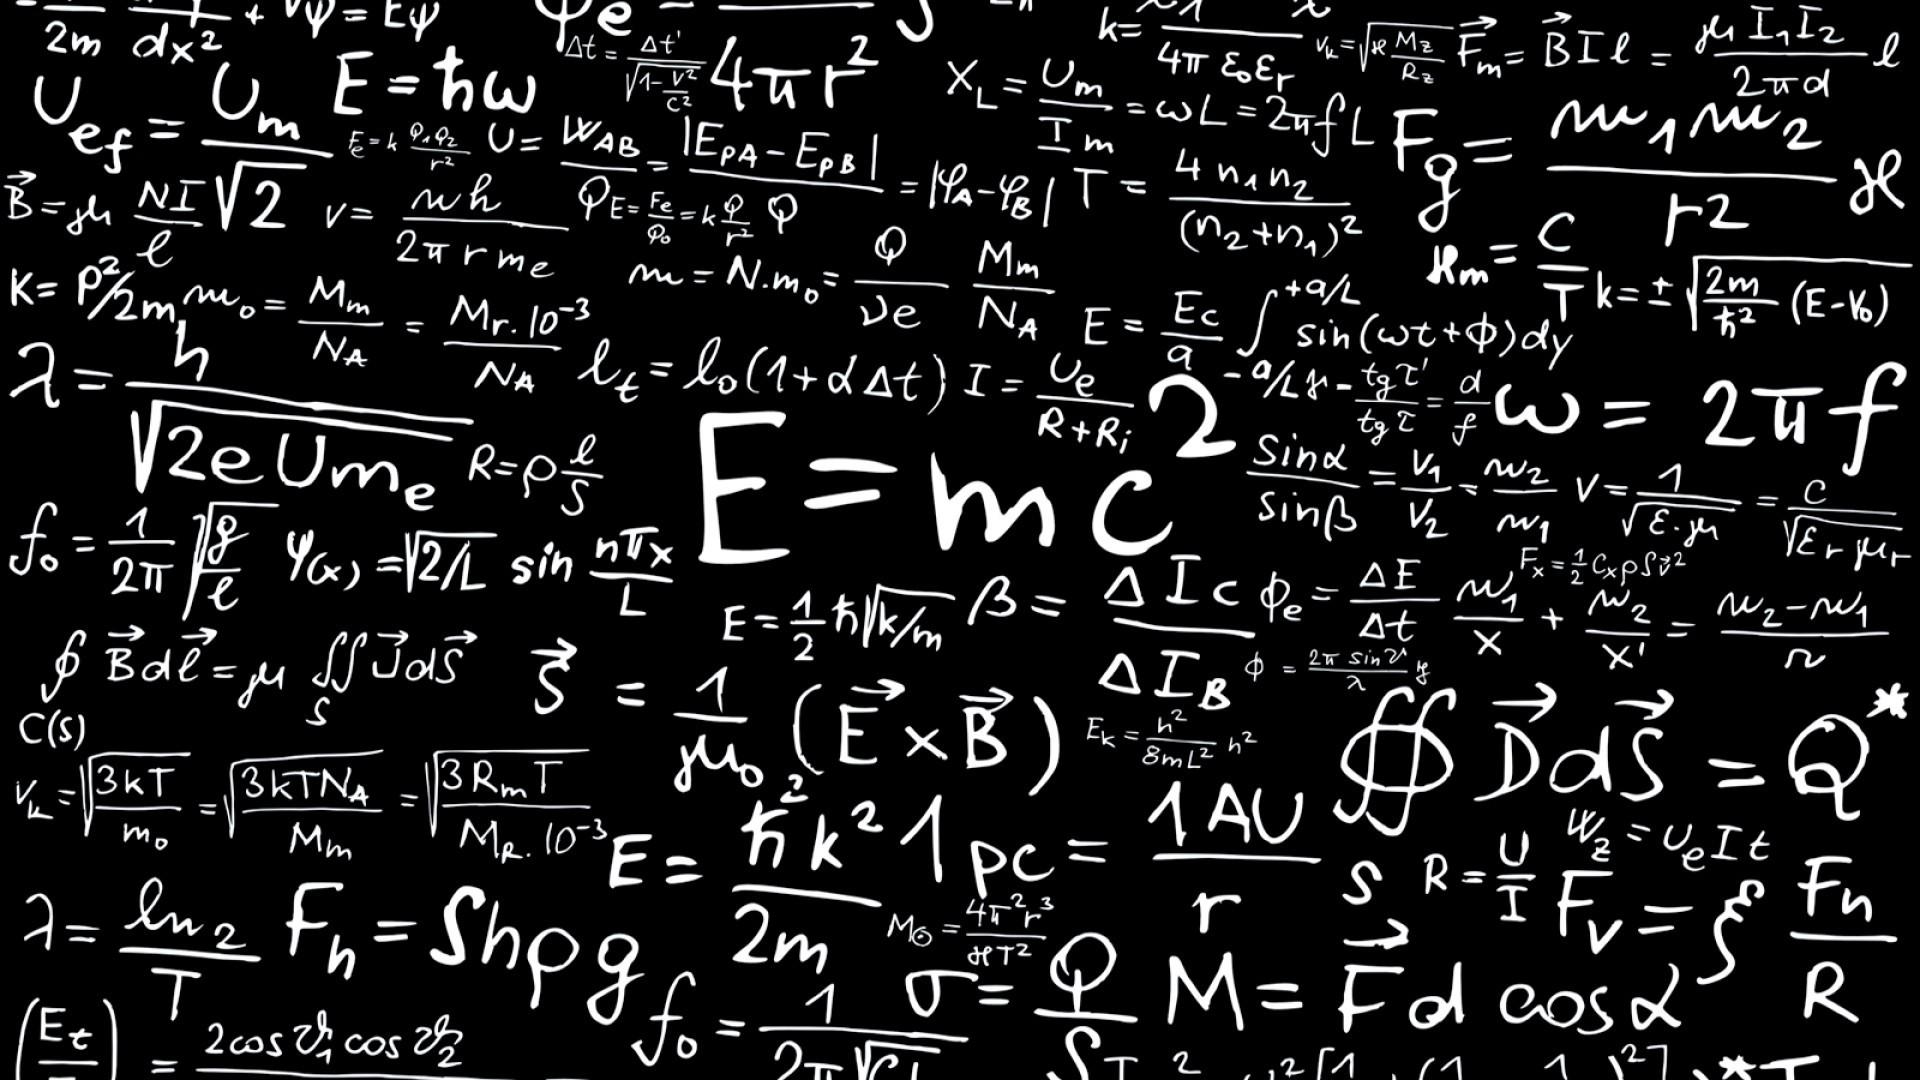 デスクトップ壁紙 テキスト パターン サークル 科学 数学 物理